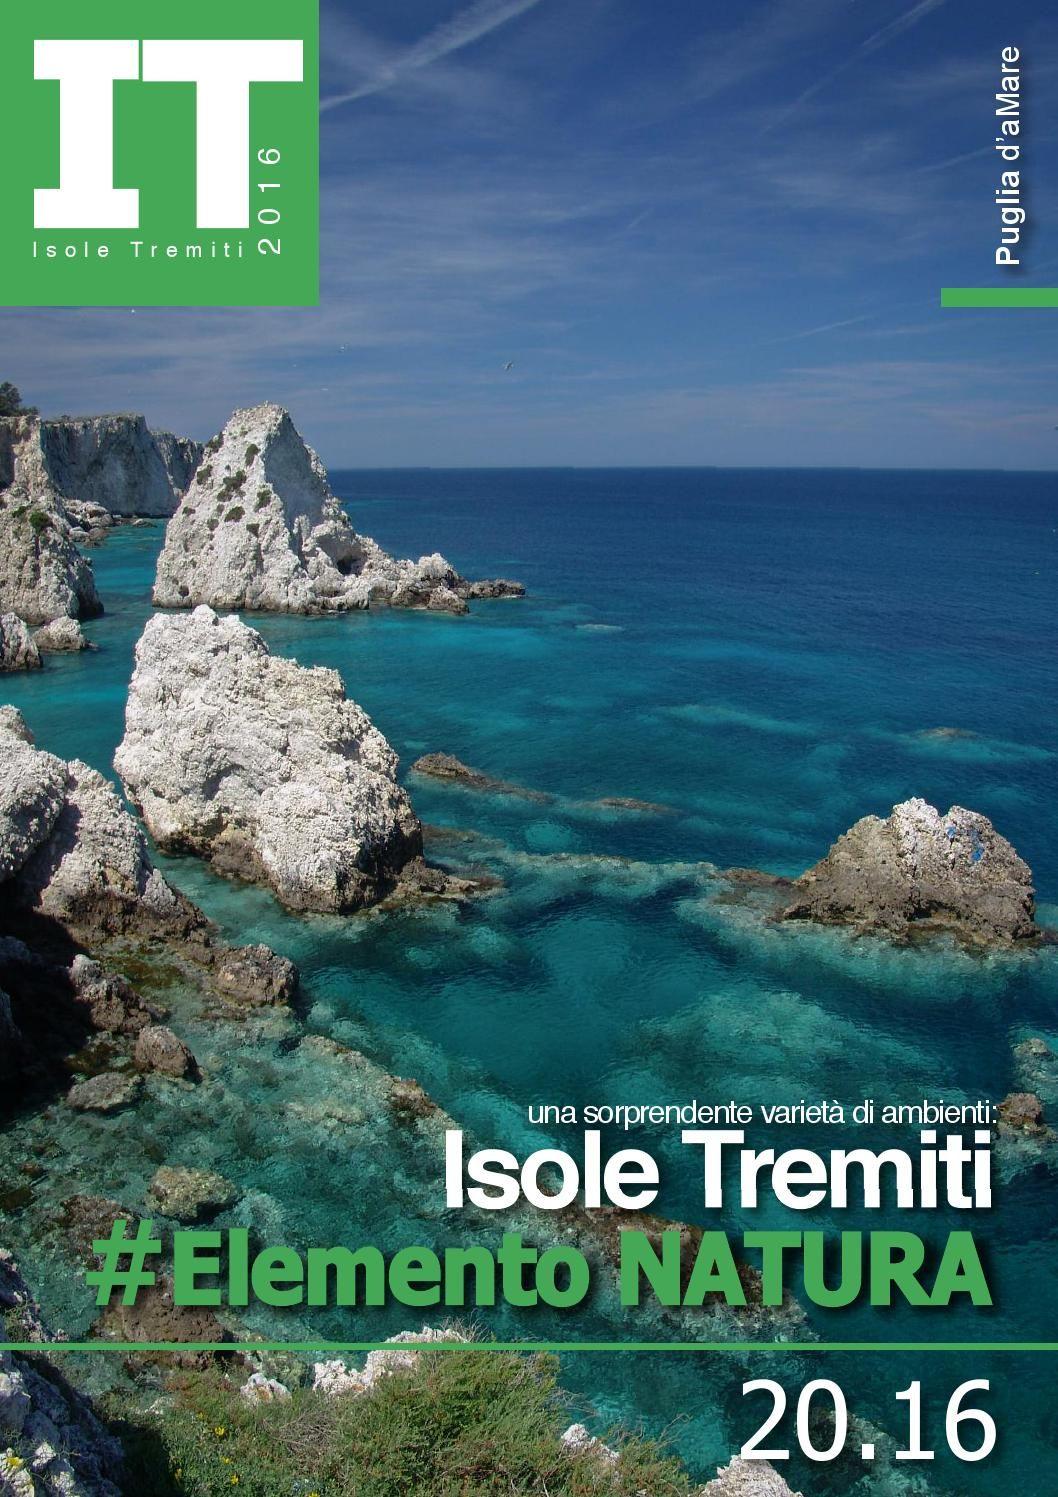 Isole Tremiti  Elemento Natura 2016